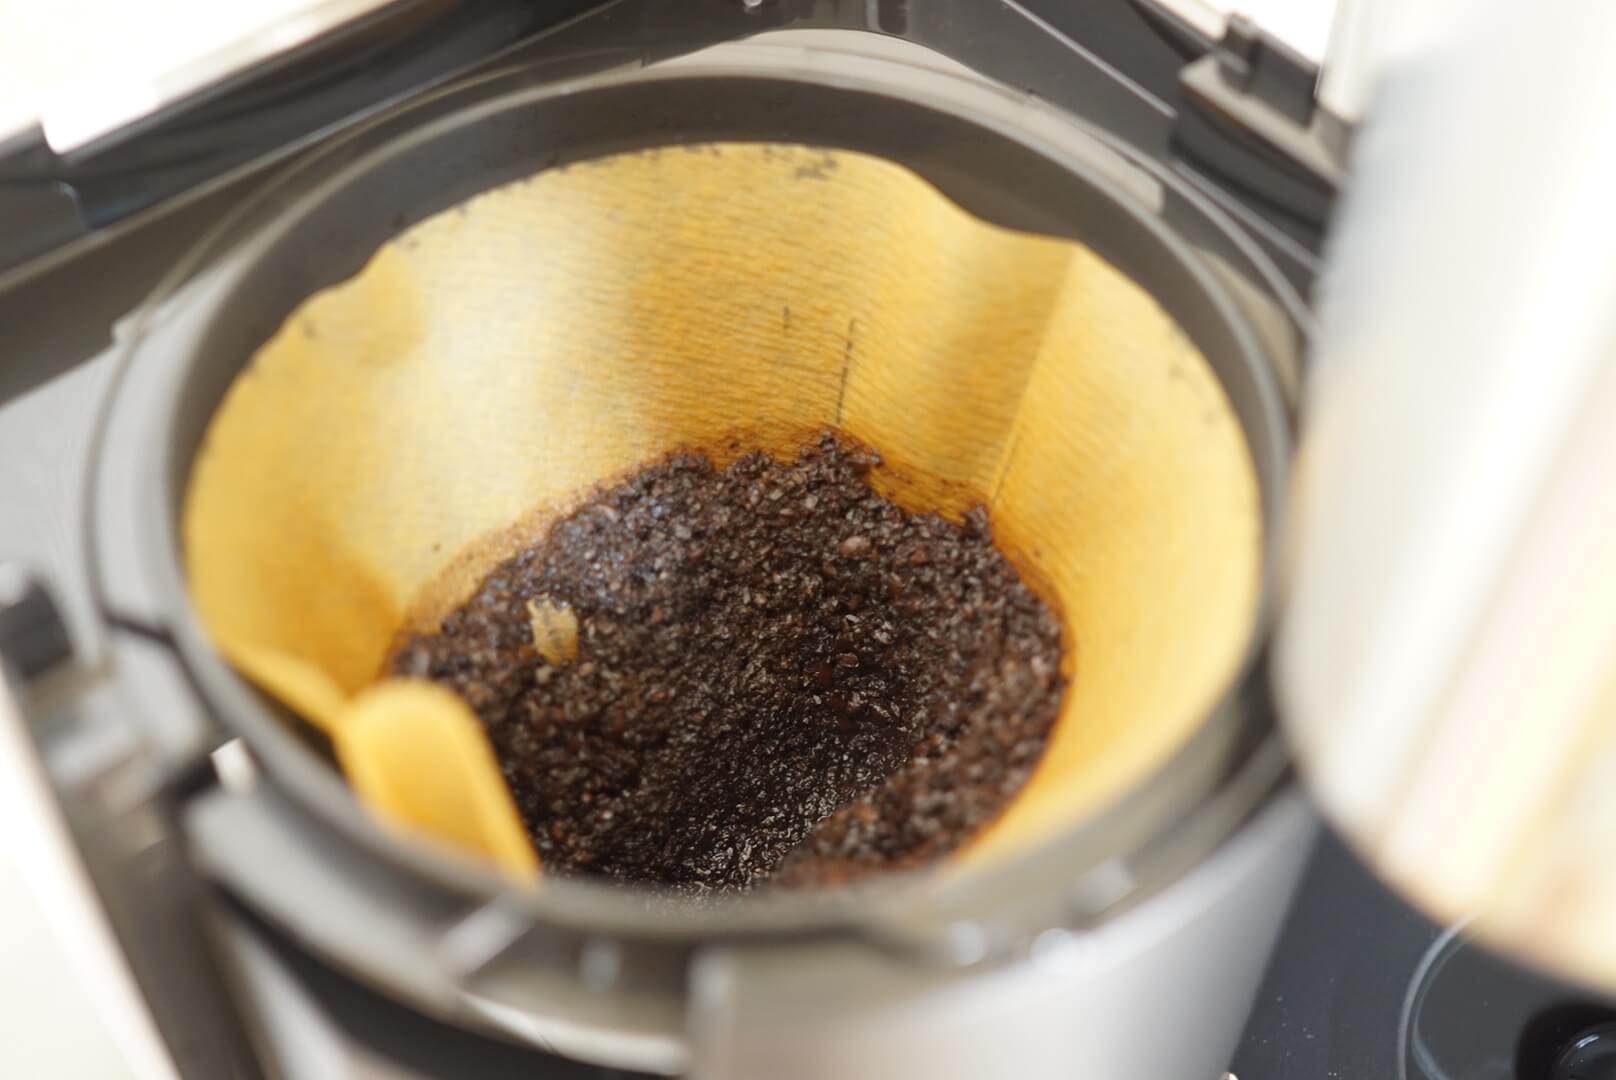 無印のコーヒーメーカーで残った土手